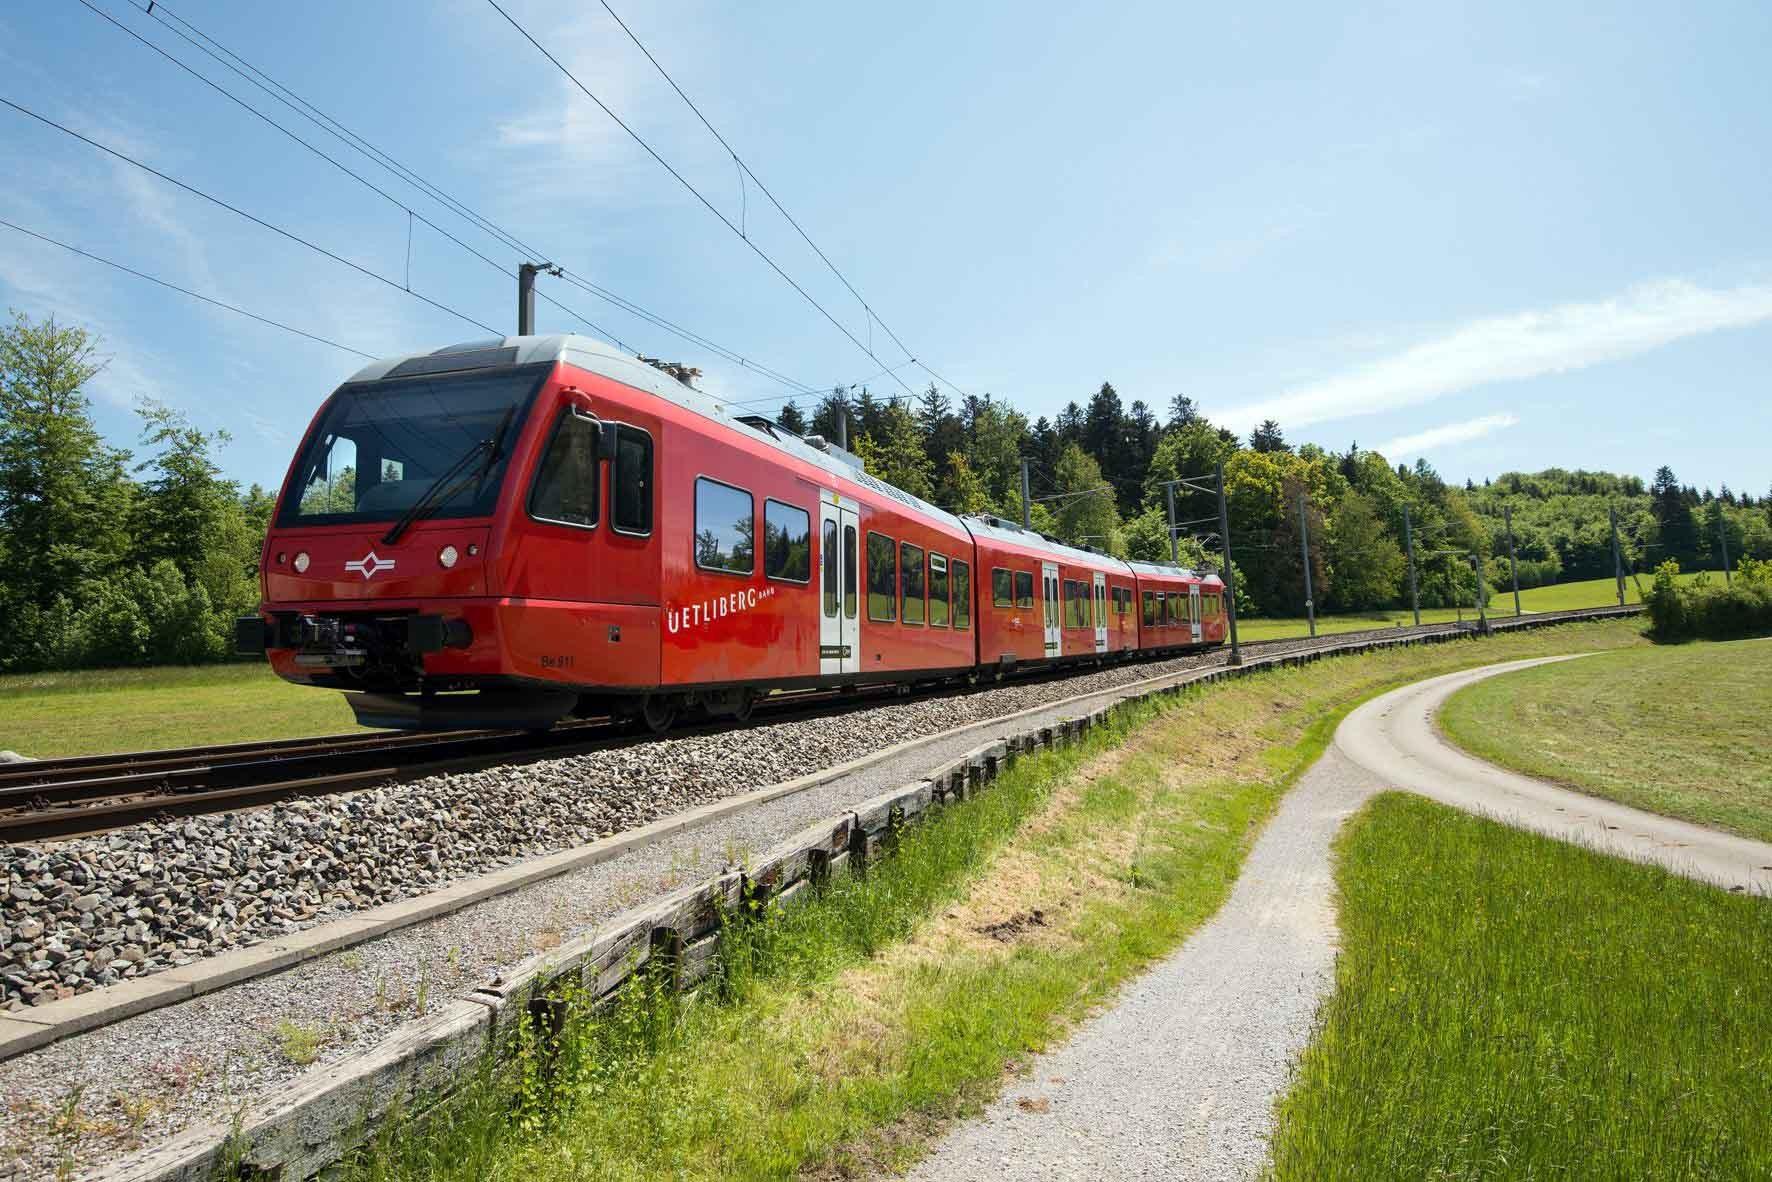 Uetlibergbahn